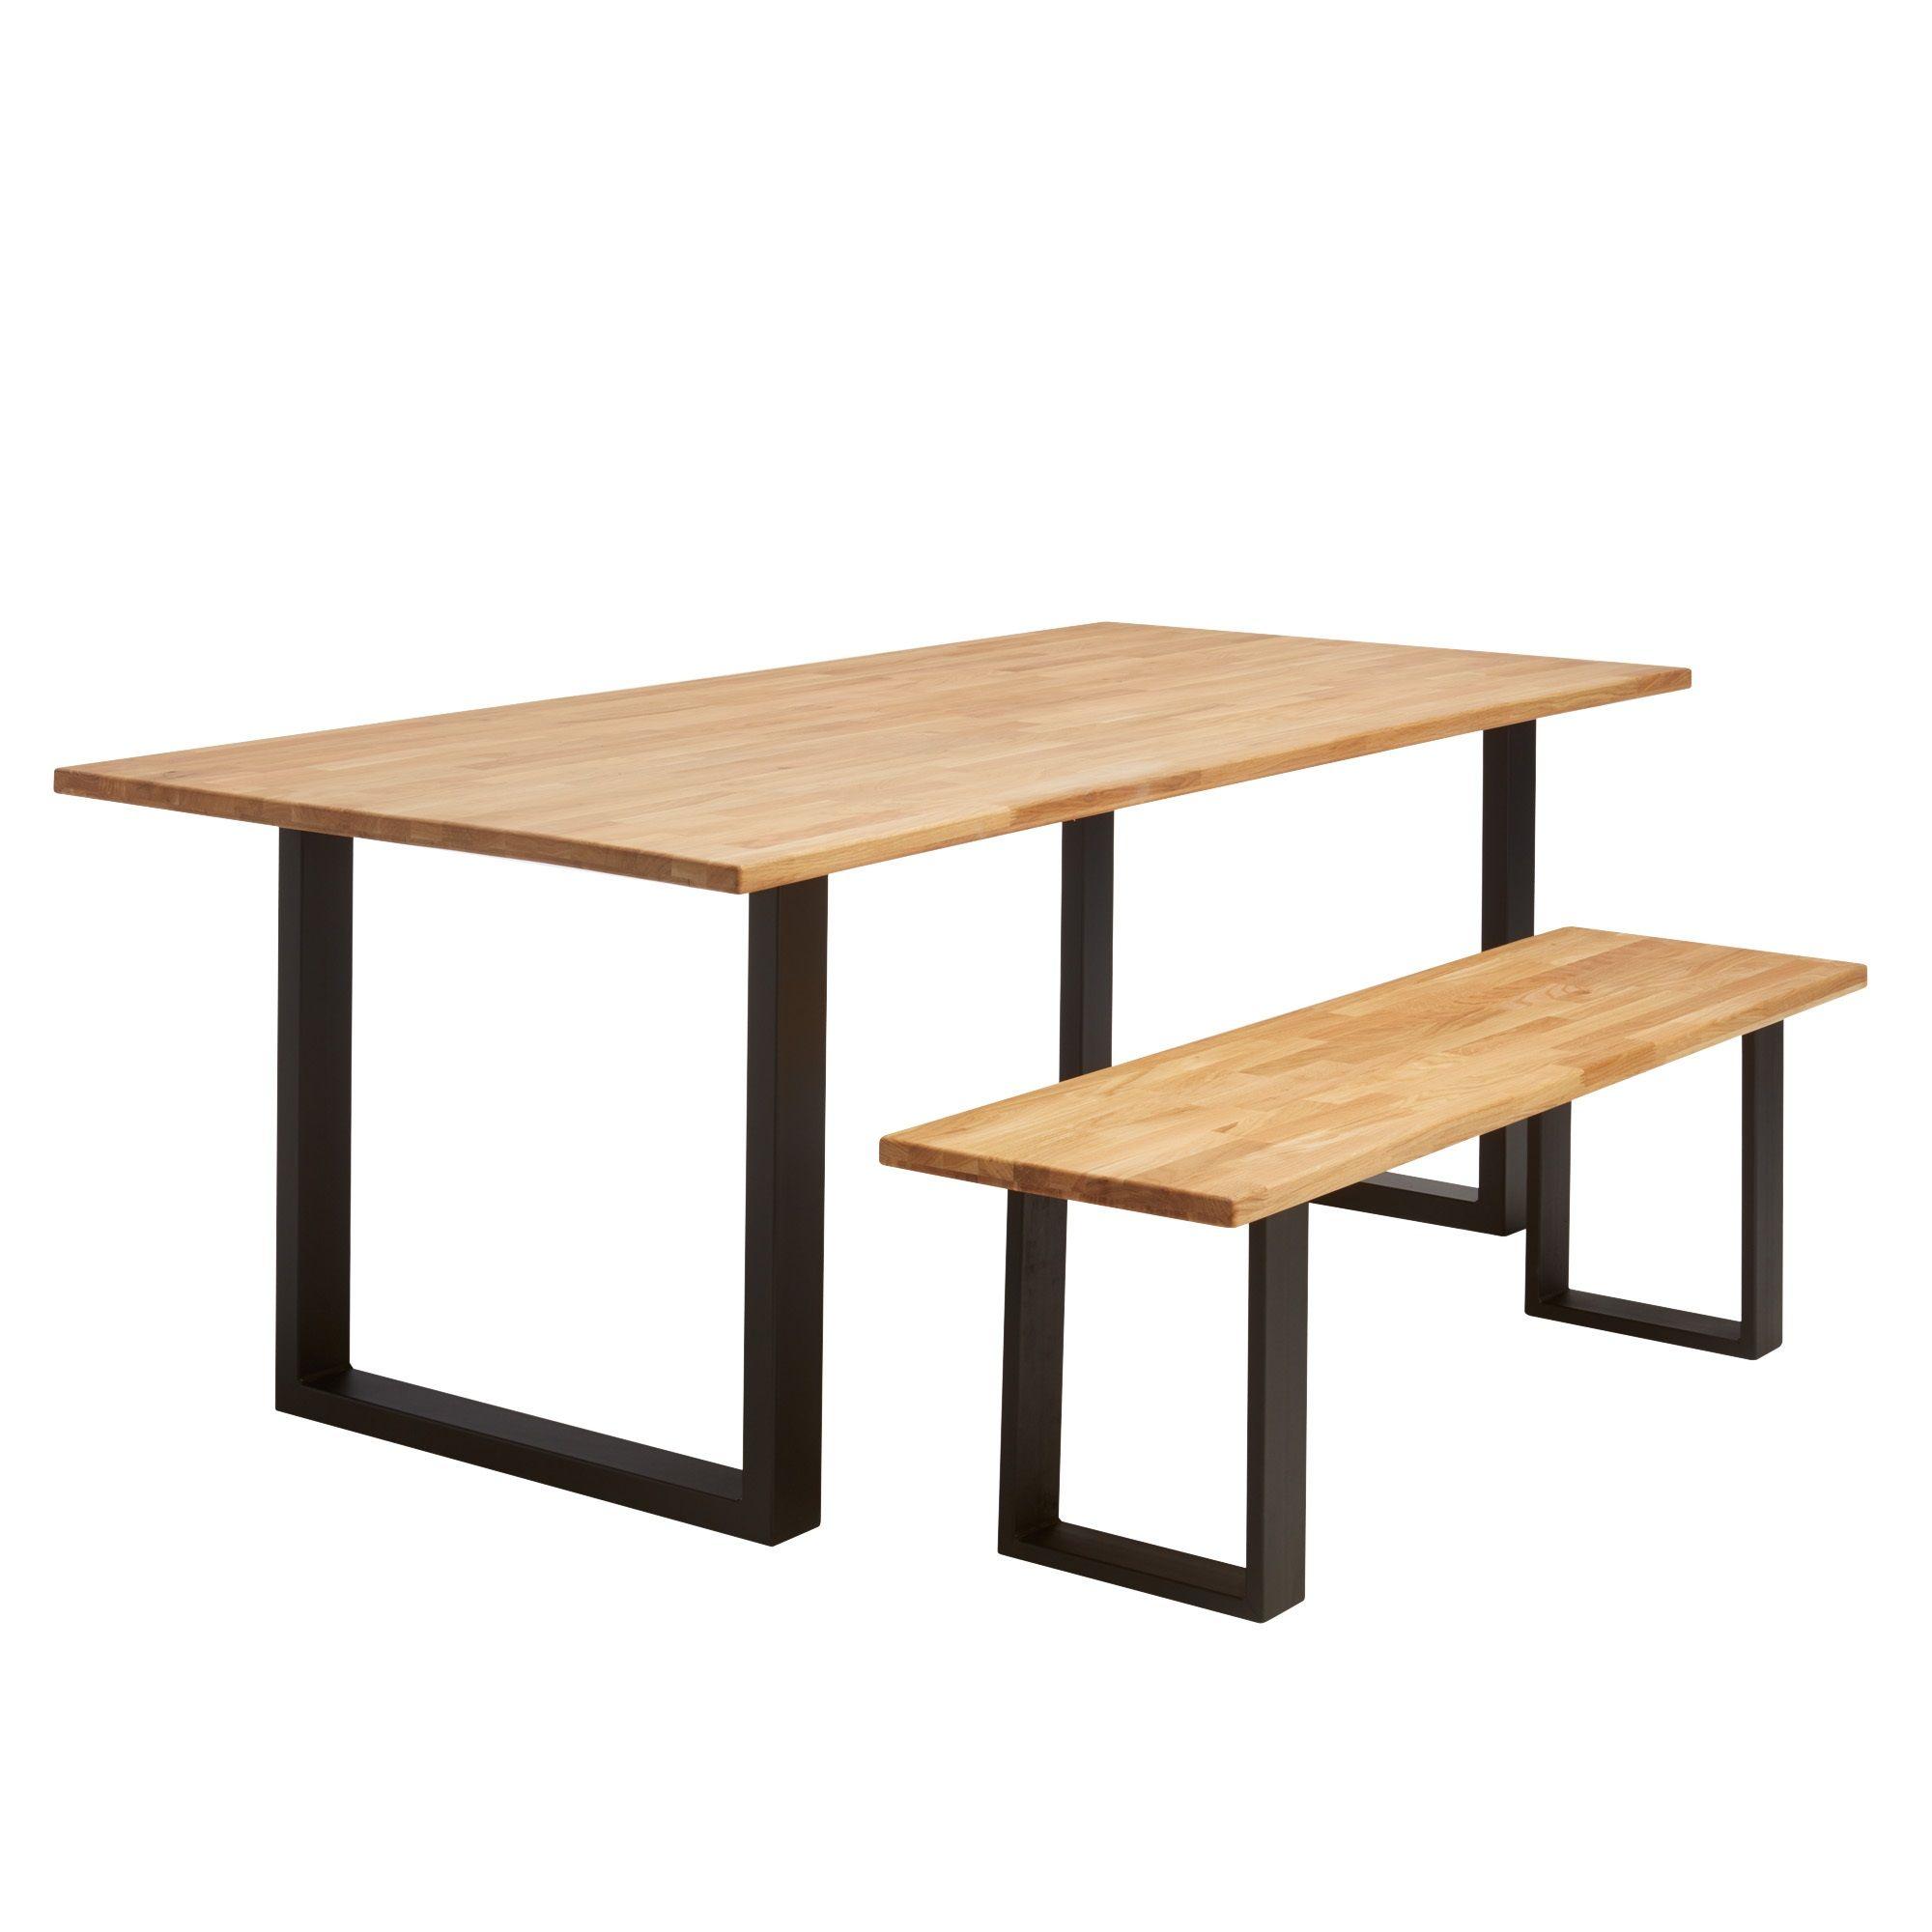 Stoere tafel met eikenhouten blad en zwart metalen onderstel Van